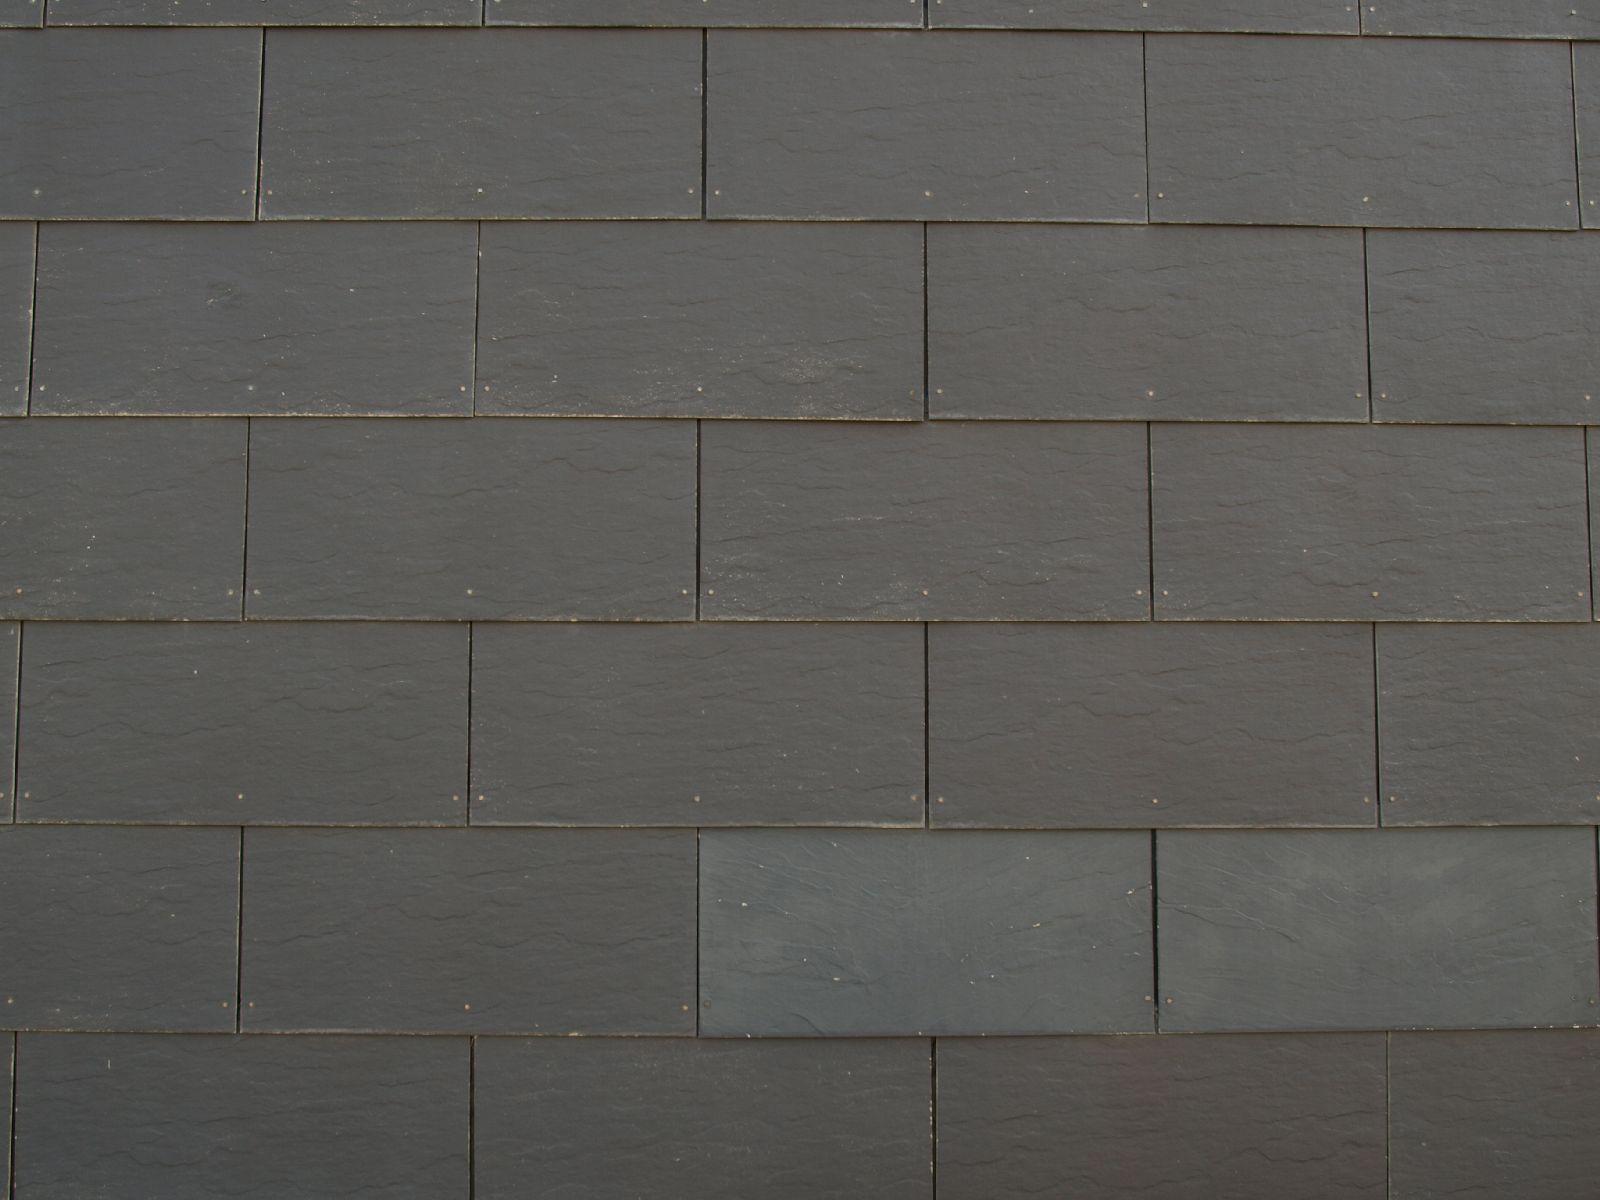 Ground-Urban_Texture_A_P6153472